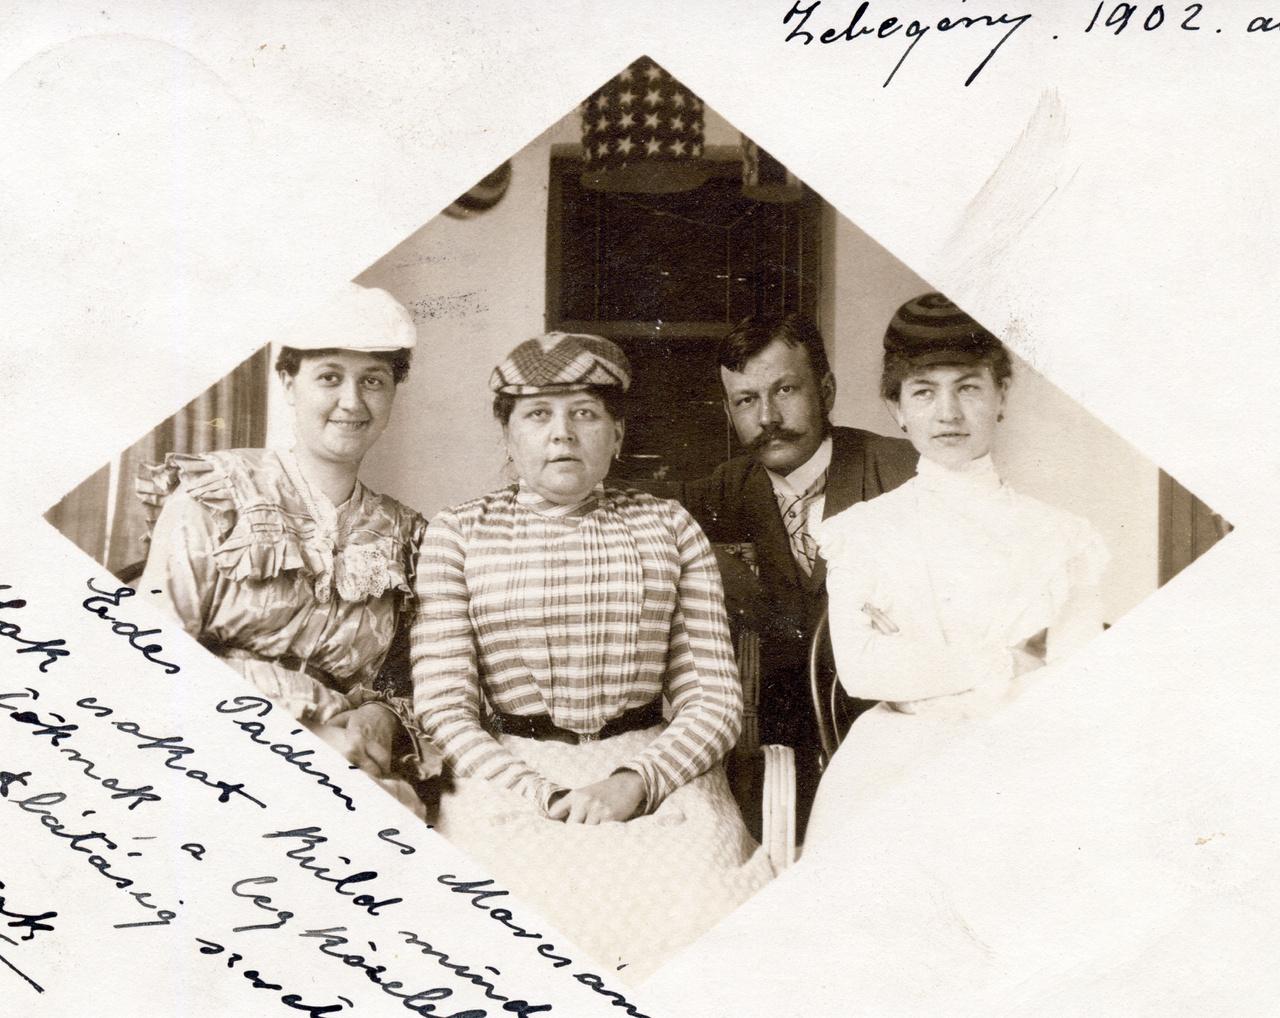 """A Zebegényben, 1902 augusztusában feladott levelezőlapon Erdőssy Béla néz a kamerába a hölgykoszorú közepén. Valószínűleg nemcsak a postára adás, hanem kép készítésének helye is Zebegény. A Magyar Nemzeti Galériában őrzött Parasztudvar Zebegényben című olajfestménye 1894-ből származik, tehát Erdőssy már a századforduló előtt is az egyik """"dísztelen, de tiszta sváb házban"""" töltötte a nyári hónapokat. Zebegényről ma ugyan Szőnyi István jut eszünkbe, valójában Nagymarossal együtt már az 1900-as évek elején népszerű volt a fővárosi festők, írók, művészek között. """"Volt holdvilágos csónaktúra, izgalom, szerelem""""- írta Thury Zsuzsa, míg a túlparton, Visegrádon a komoly budai és józsefvárosi polgárok béreltek villát vagy falusi lakot, és """"nem tartózhatott a jó társasághoz, aki cselédlány nélkül nyaralt, maga főzött, mosott és vasalt."""""""